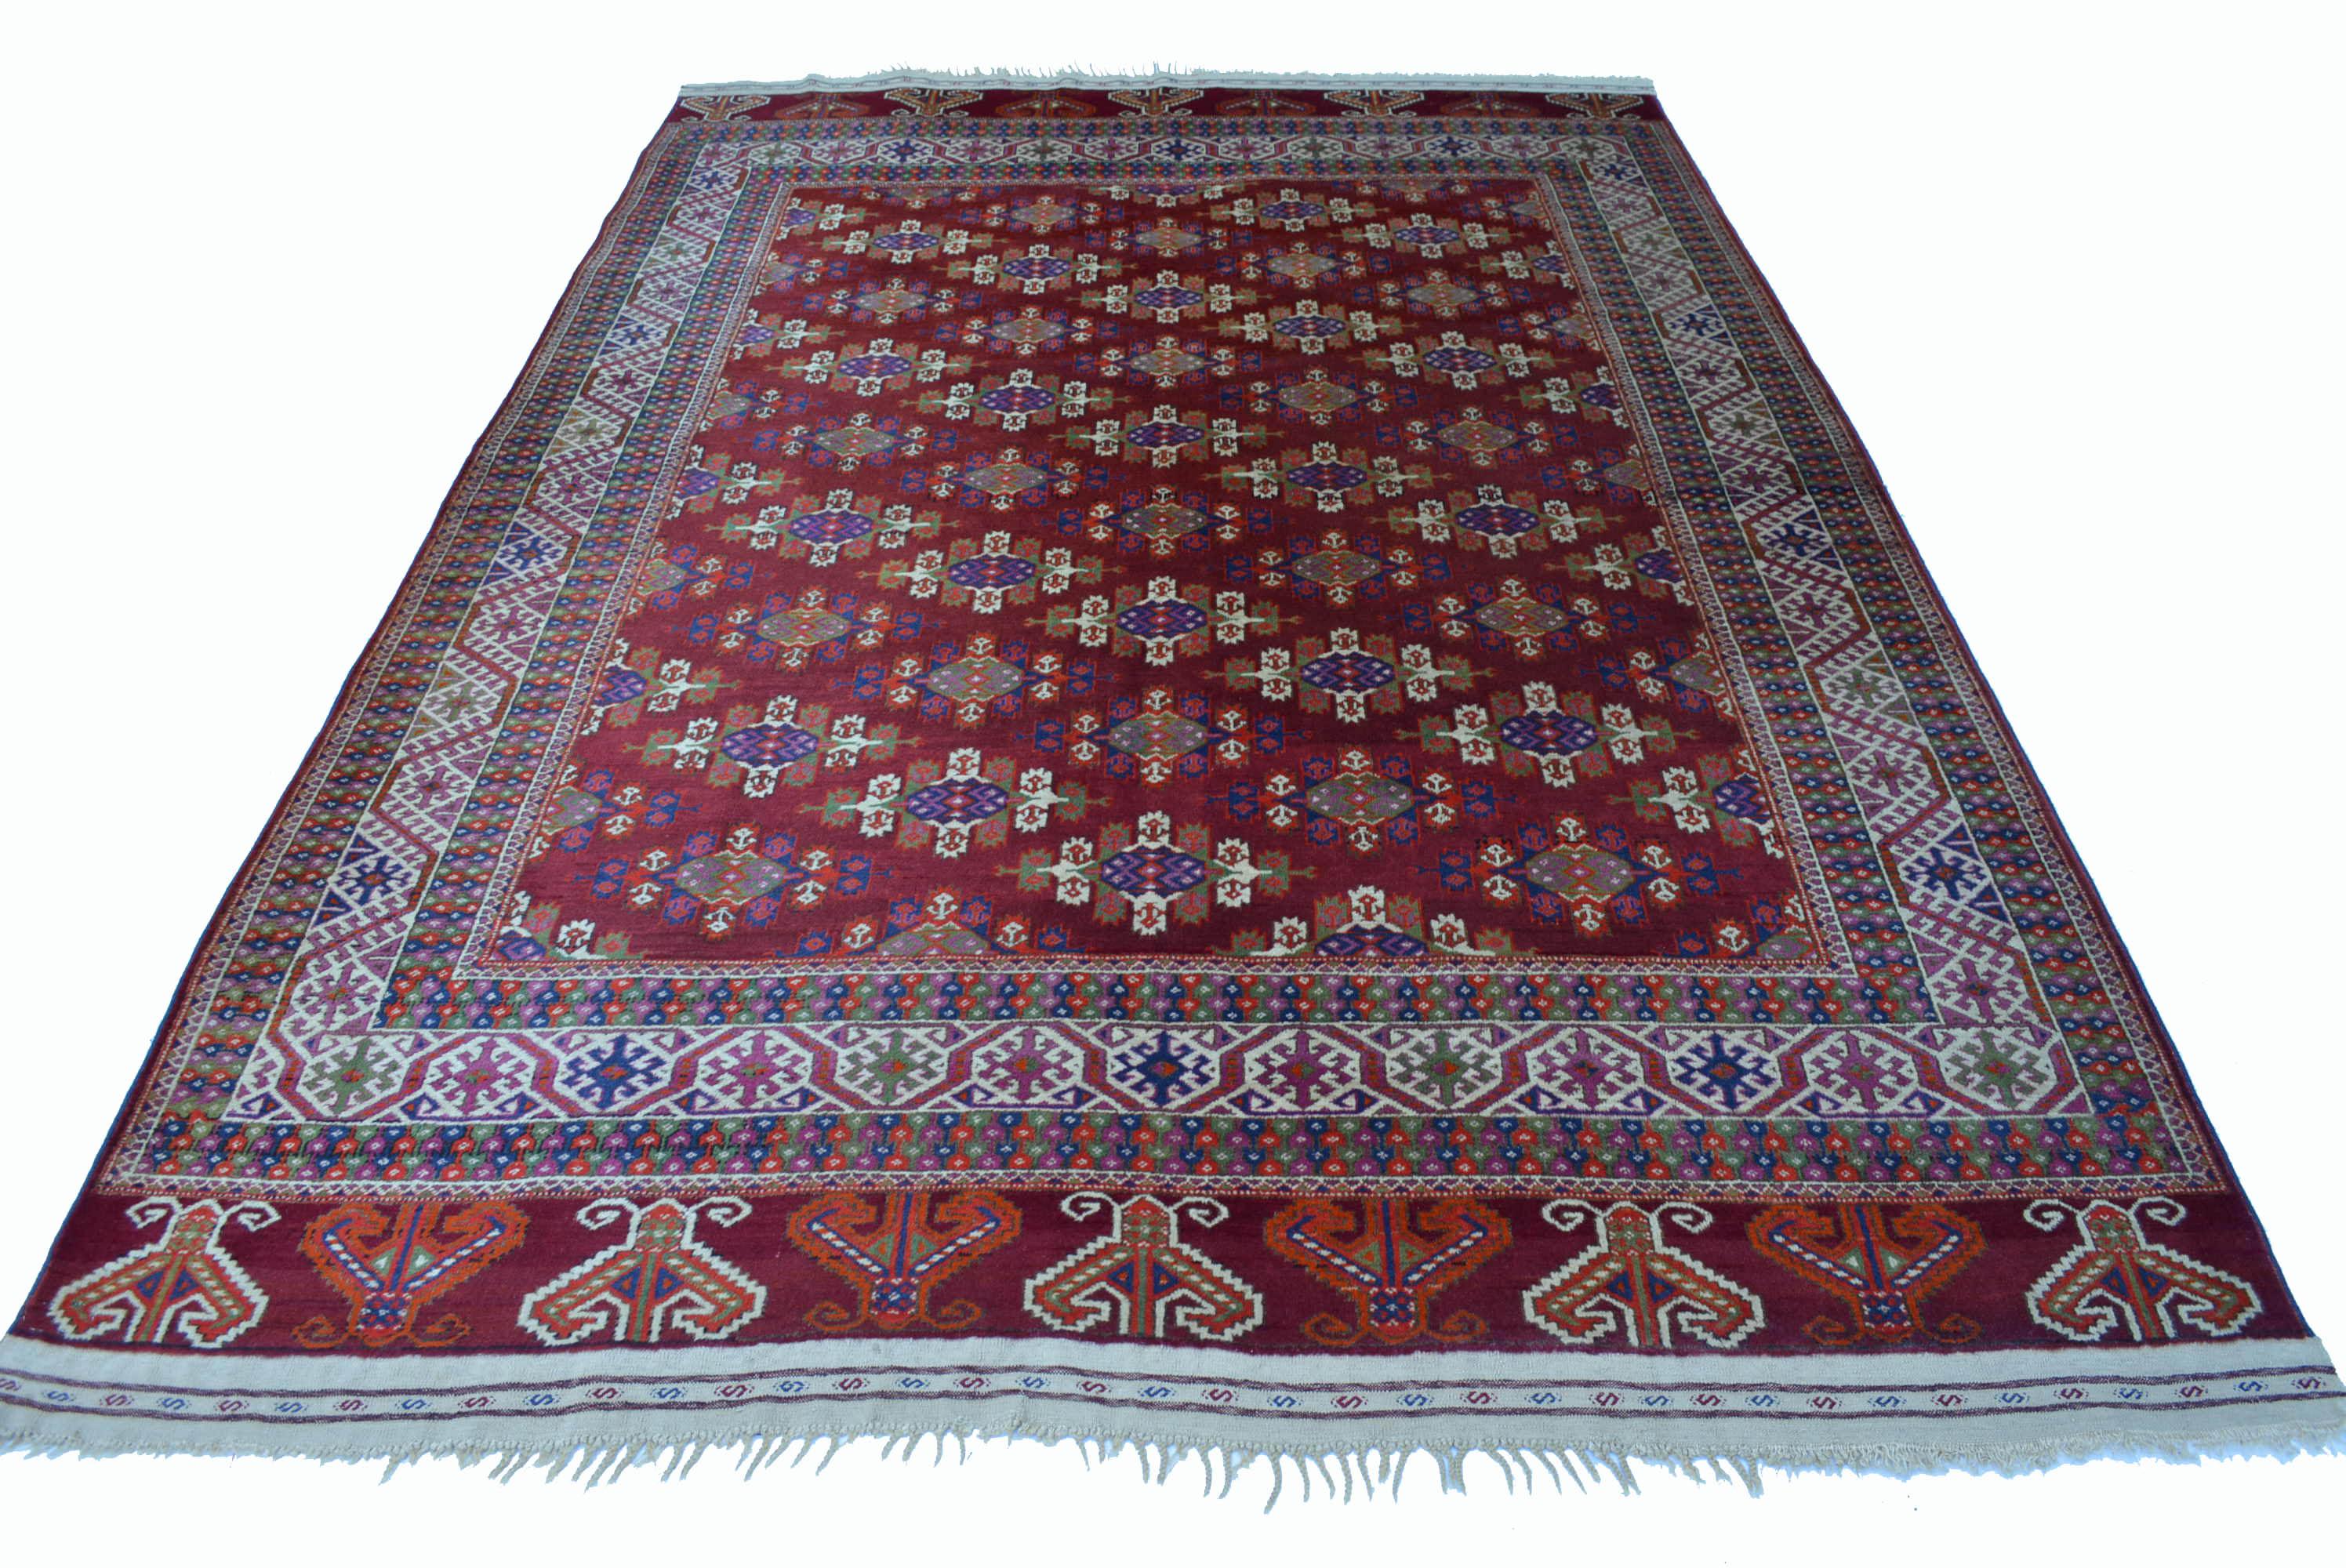 Jomud Teppich Turkmenistan 287x189cm Yomut Hauptteppich